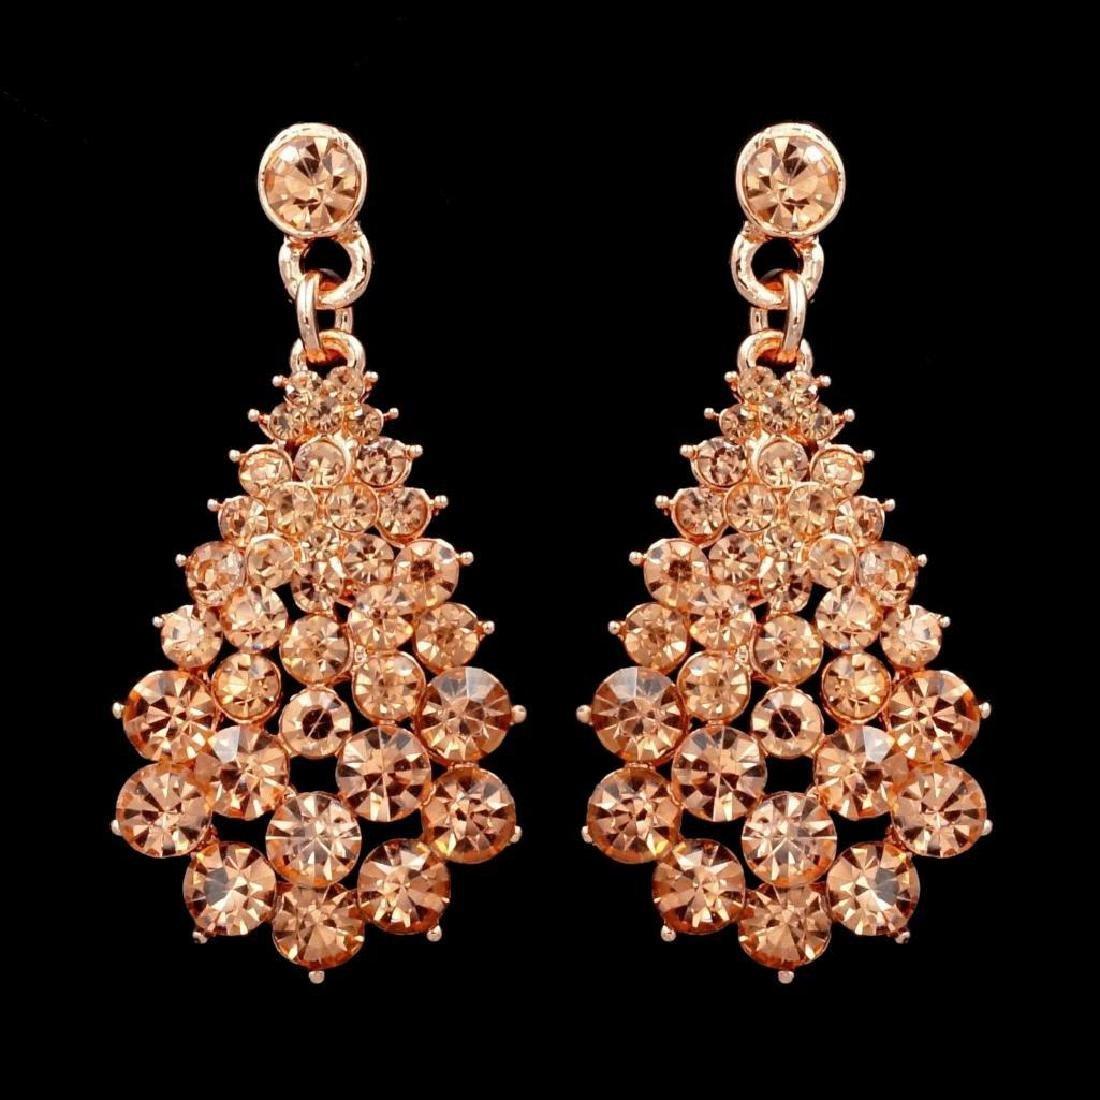 ROSE GOLD Plated Peach Crystal Rhinestone Wedding Drop